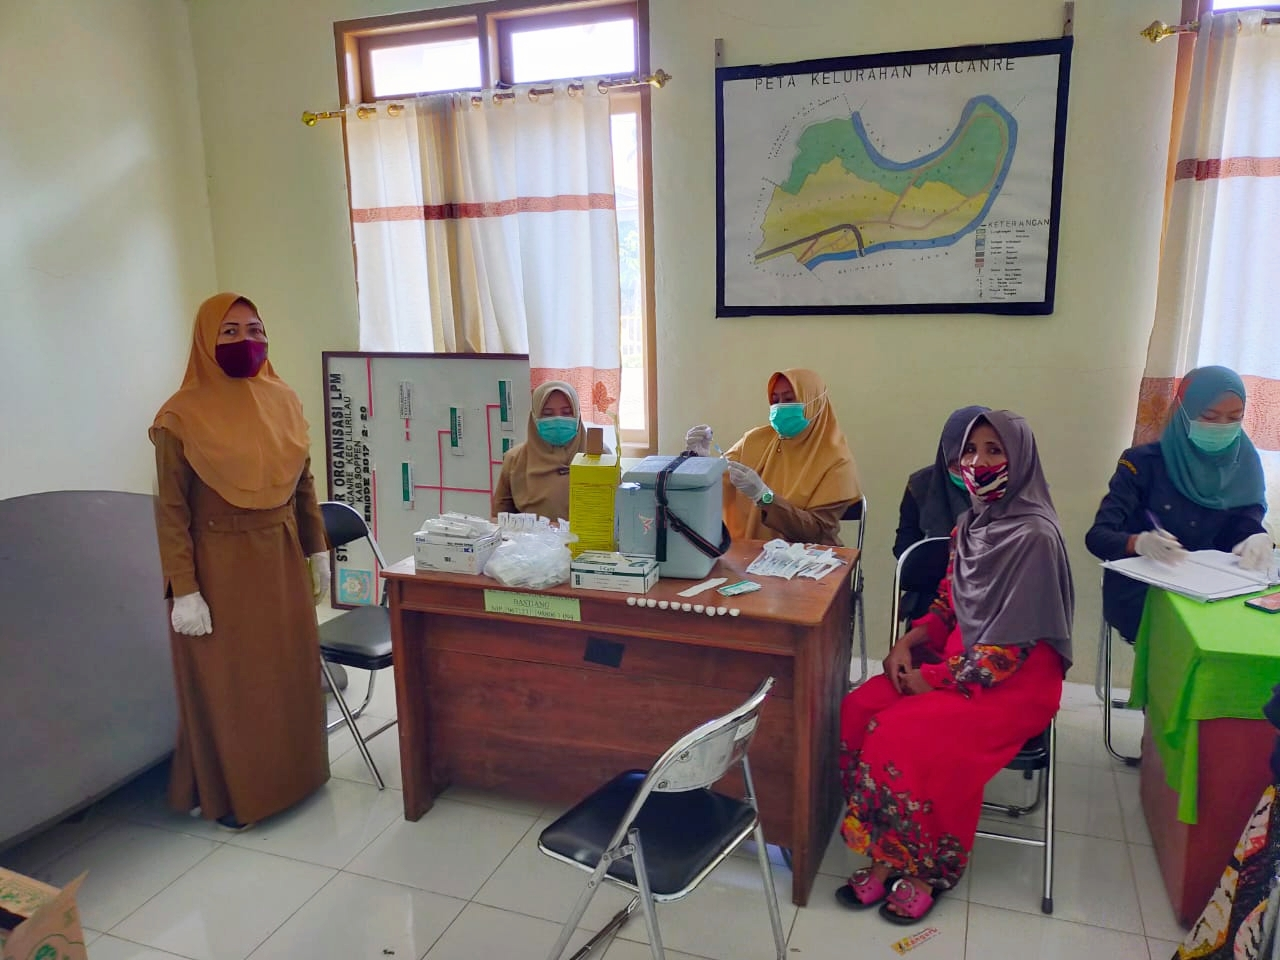 Di Berikan Kemudahan Pihak Puskesmas,Warga Jalani Vaksin Covid-19 di Kantor Kelurahan Macanre